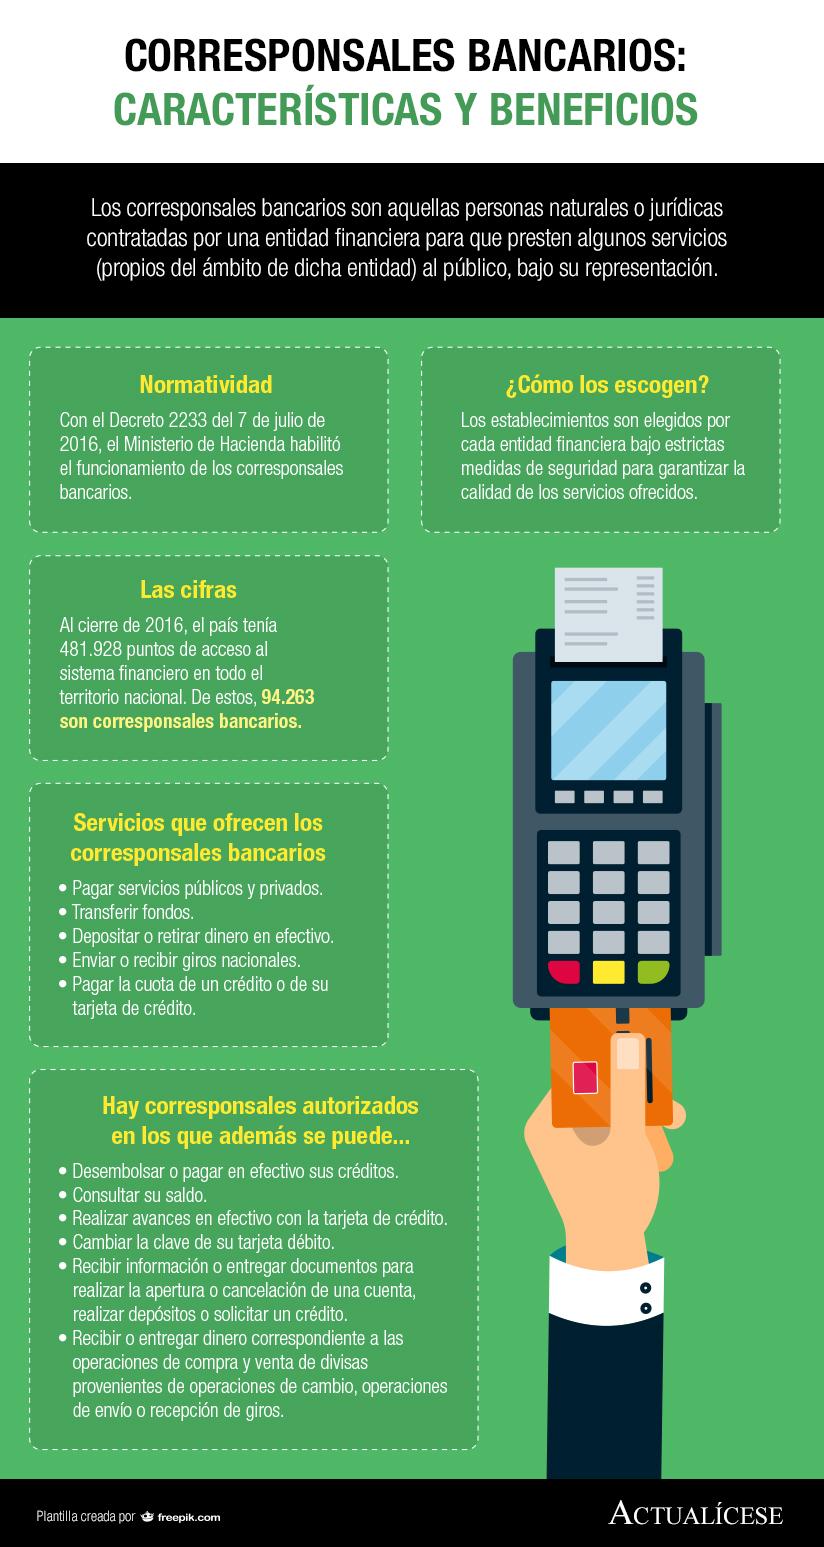 [Infografía] Corresponsales bancarios: características y beneficios